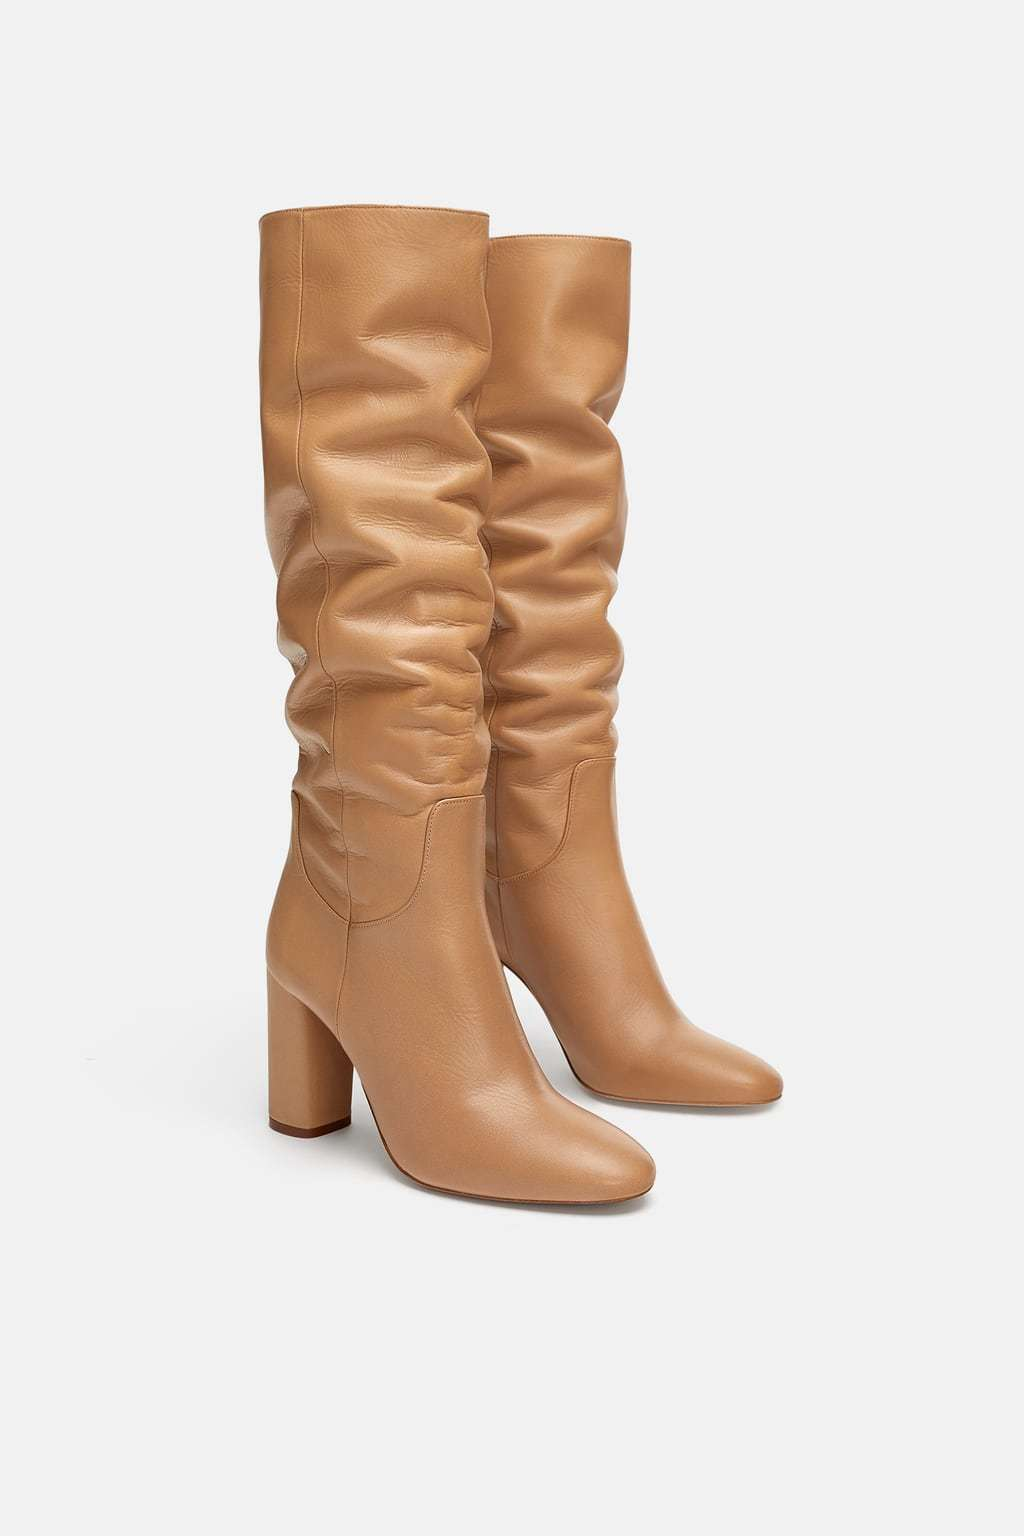 Botas altas de Zara (99,95 euros).